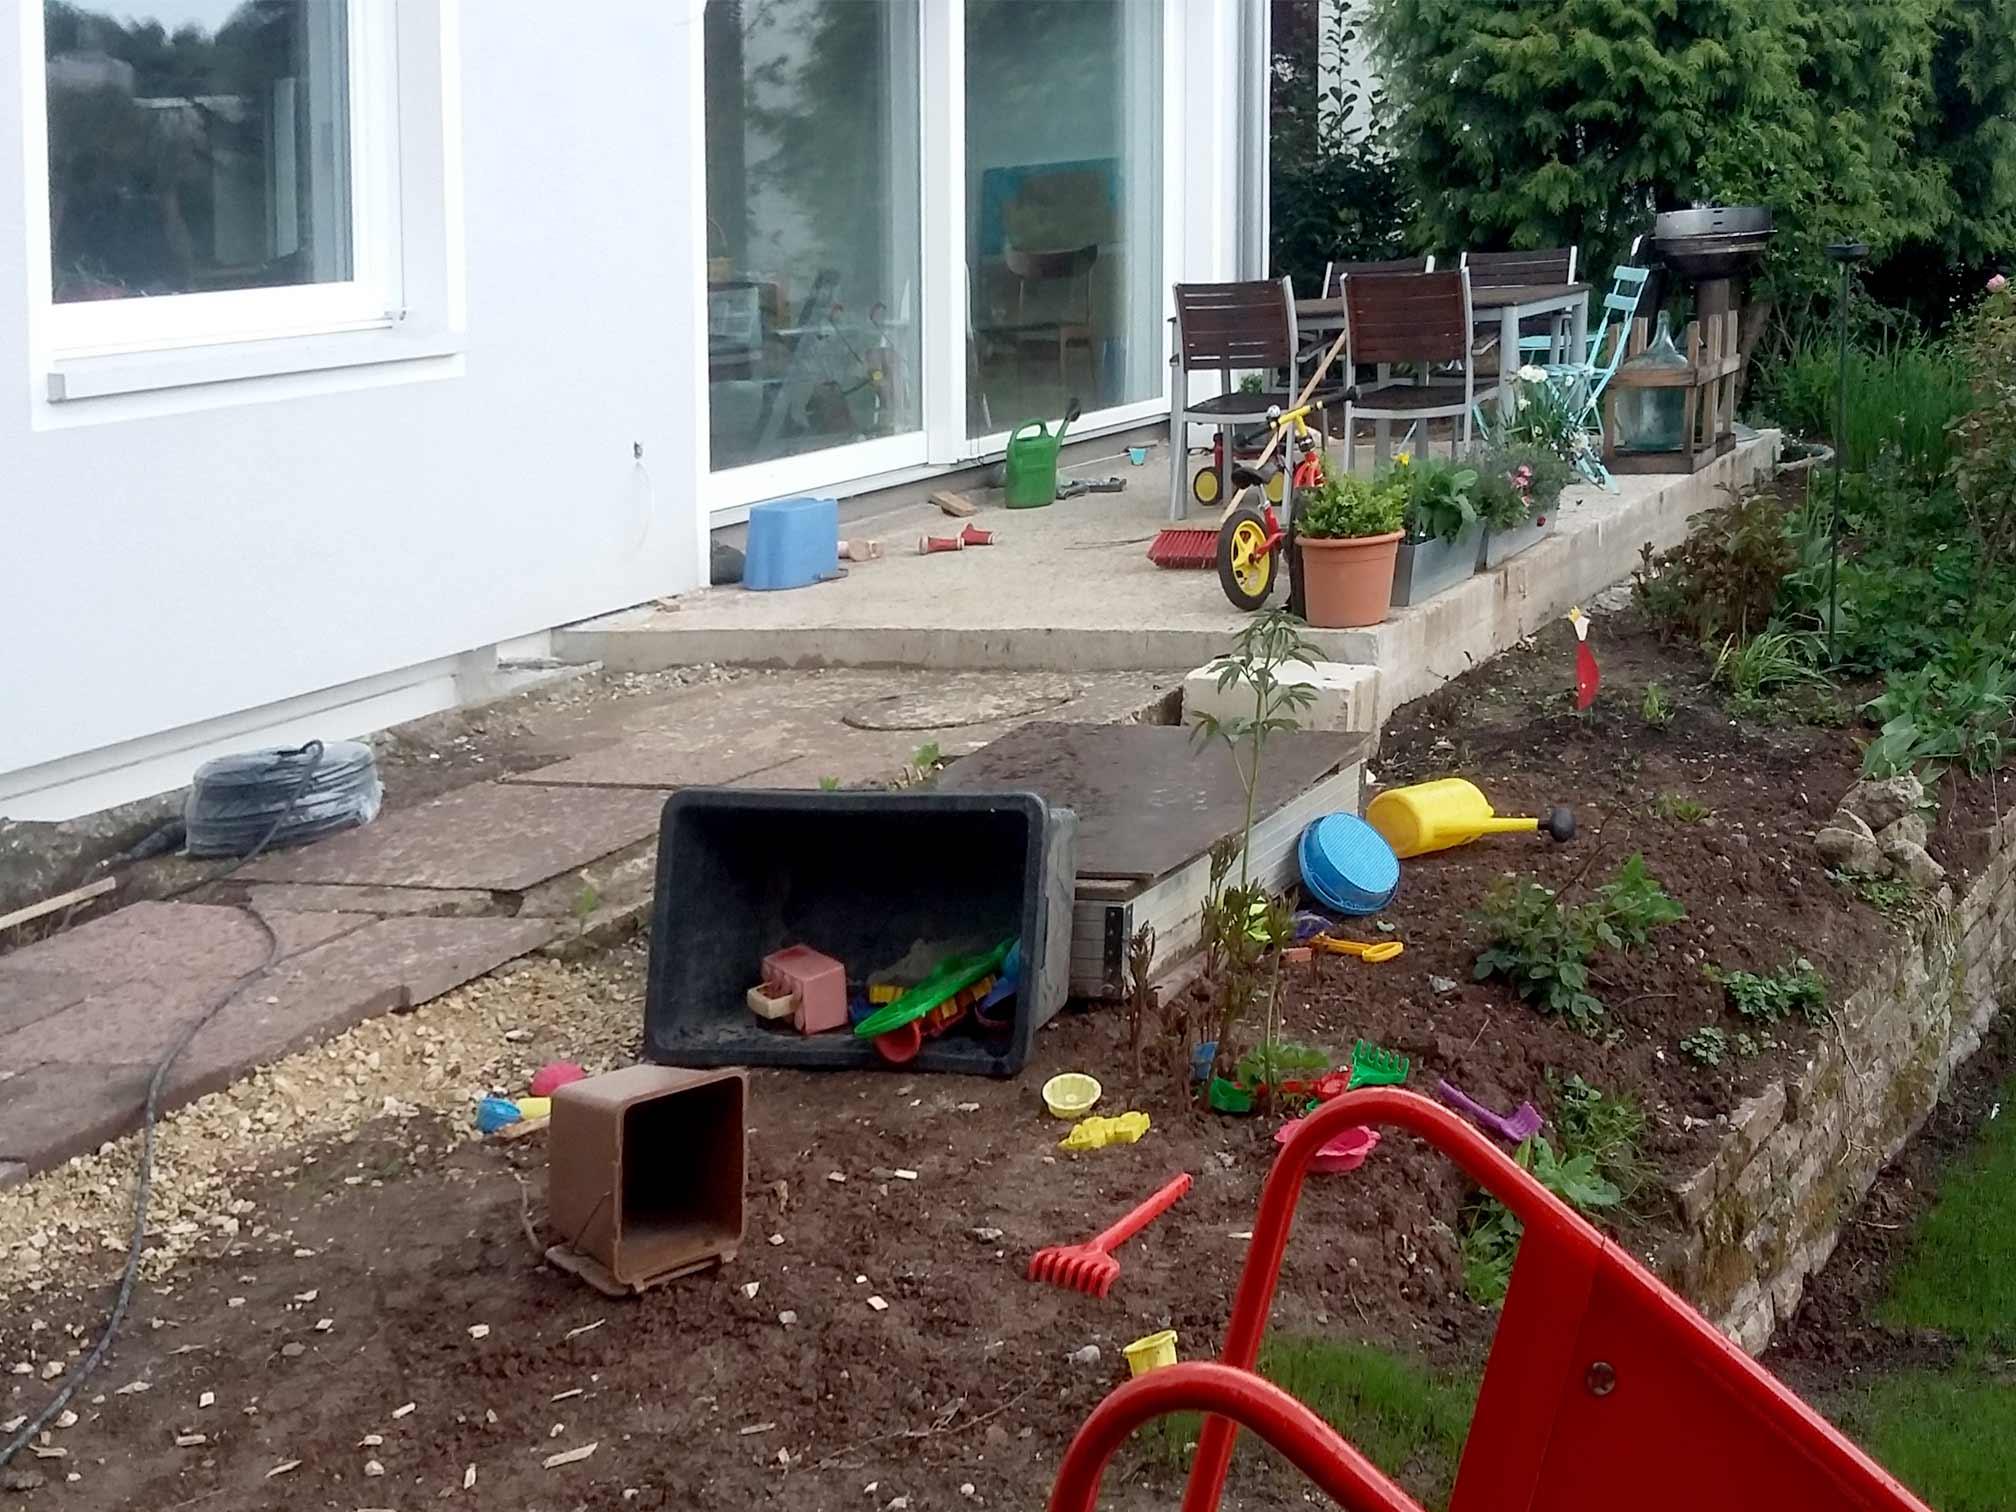 bolay-gartenbau_projekte_edel-zeitlos_bauabschnitt-2